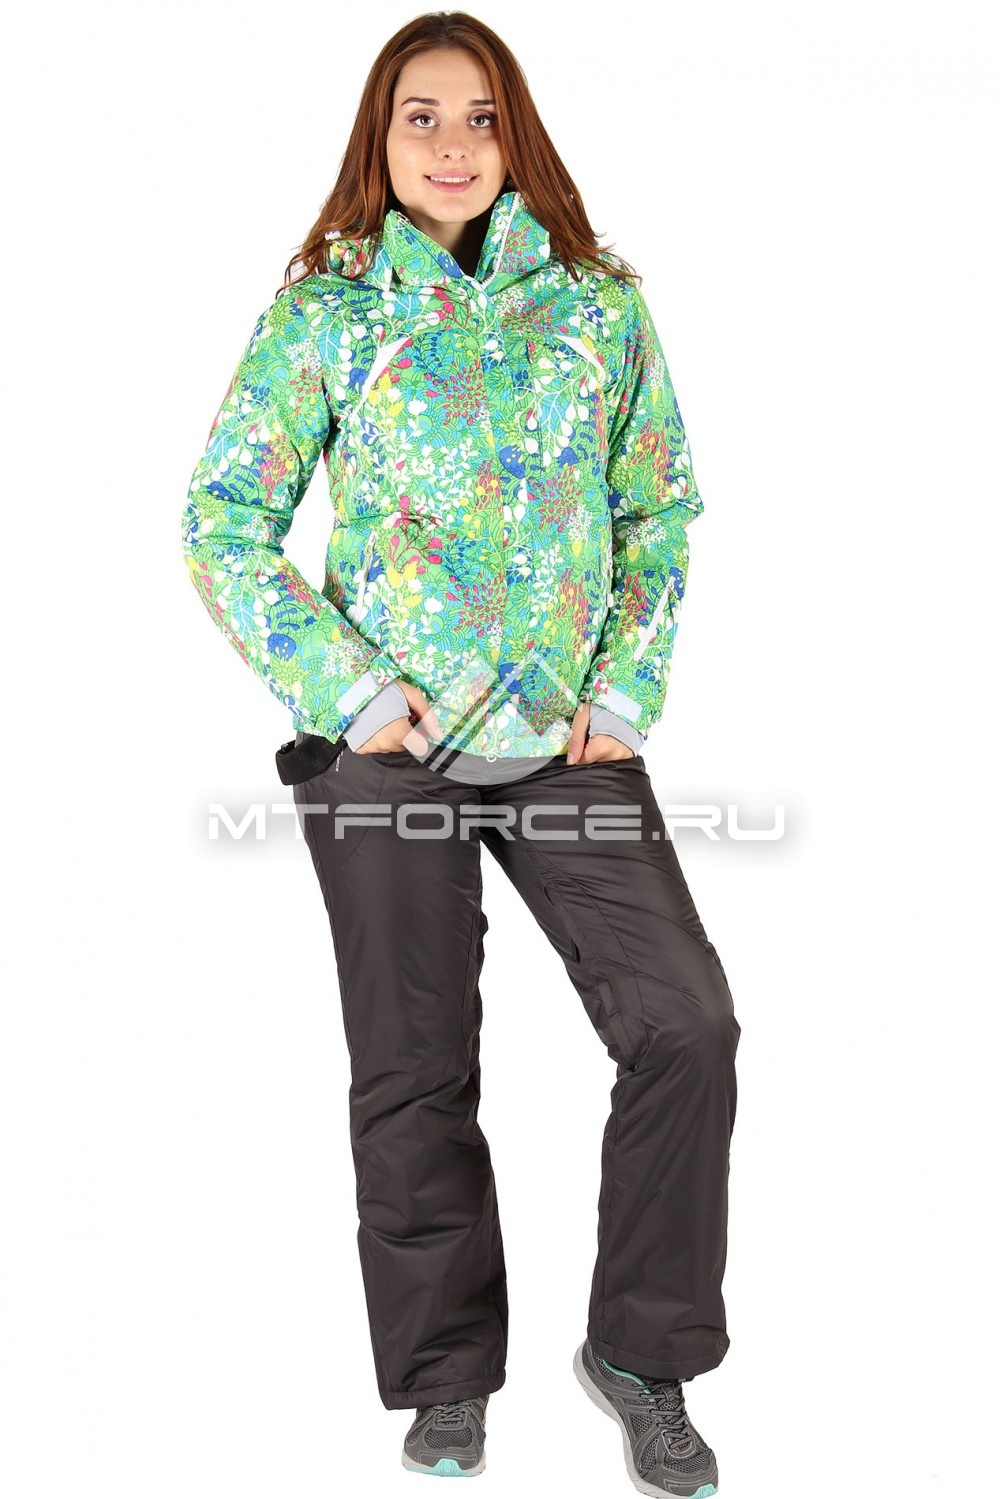 Купить женские горнолыжные зимние костюмы